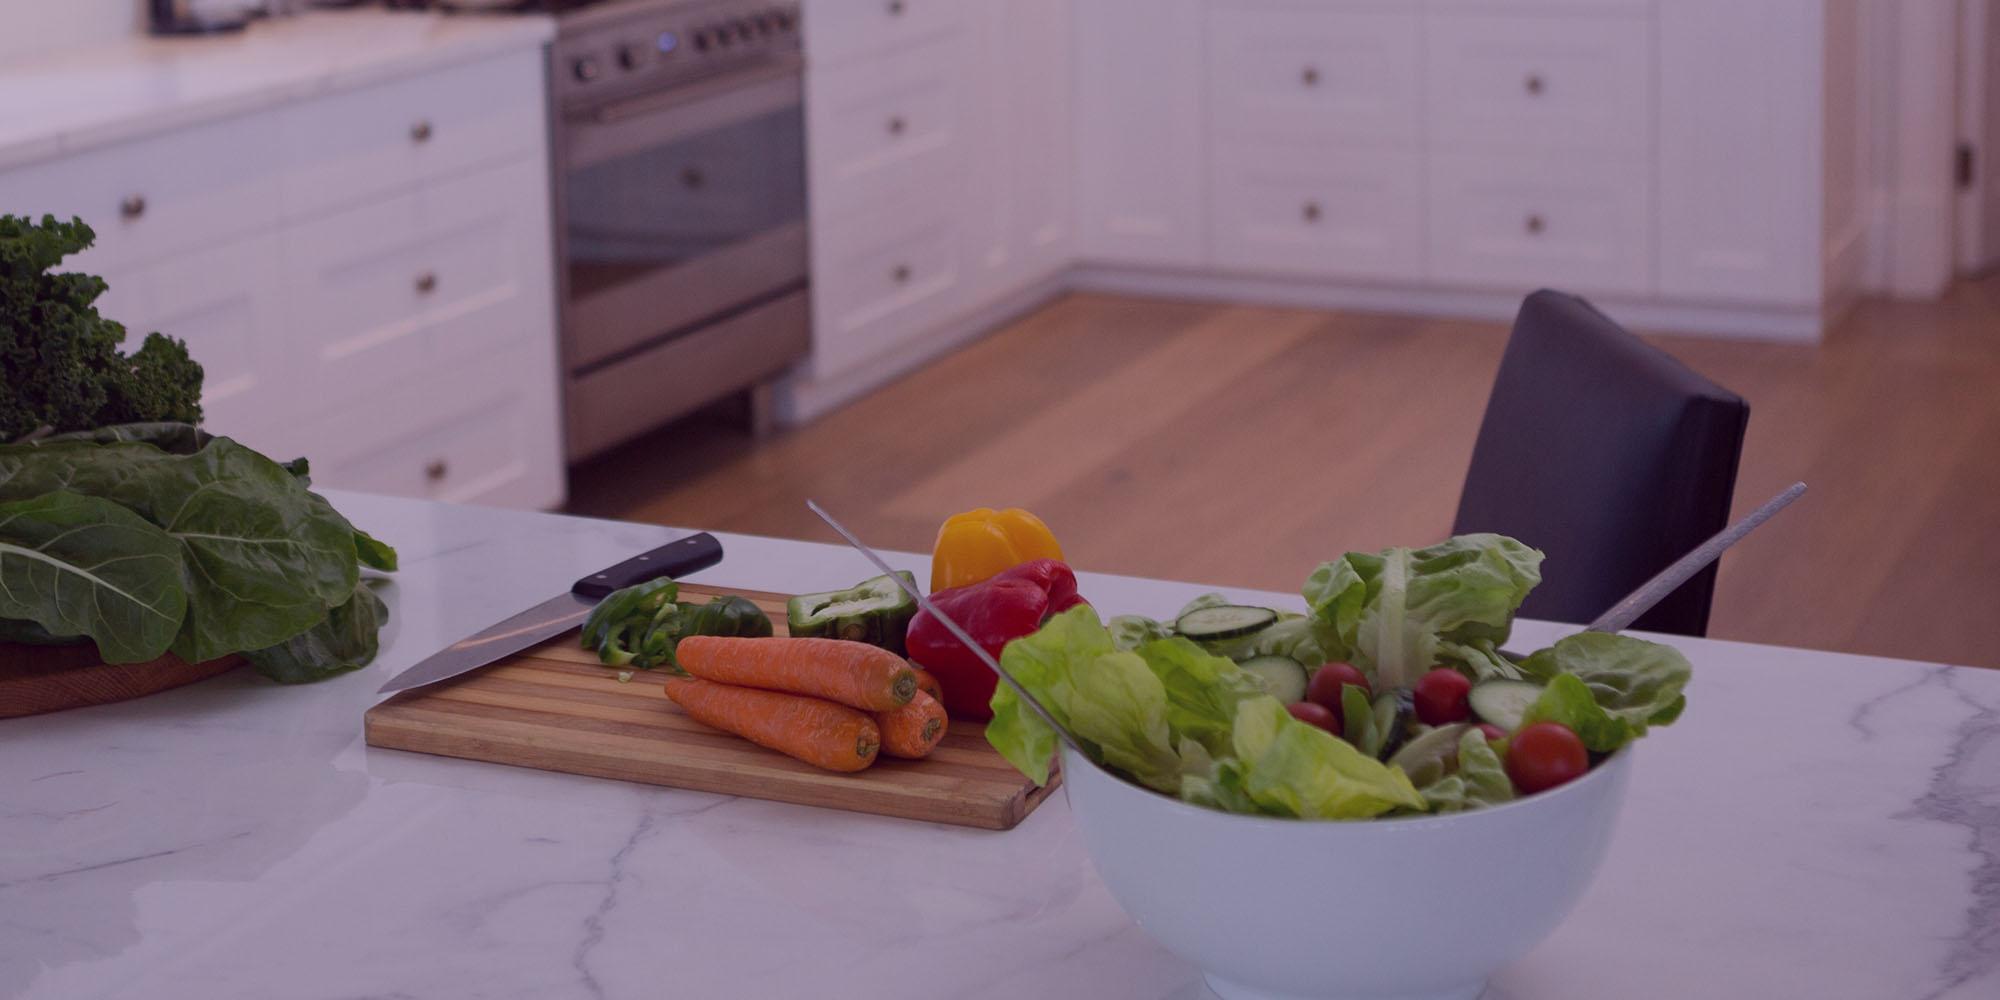 Légumes coupés et préparés pour un repas à domicile